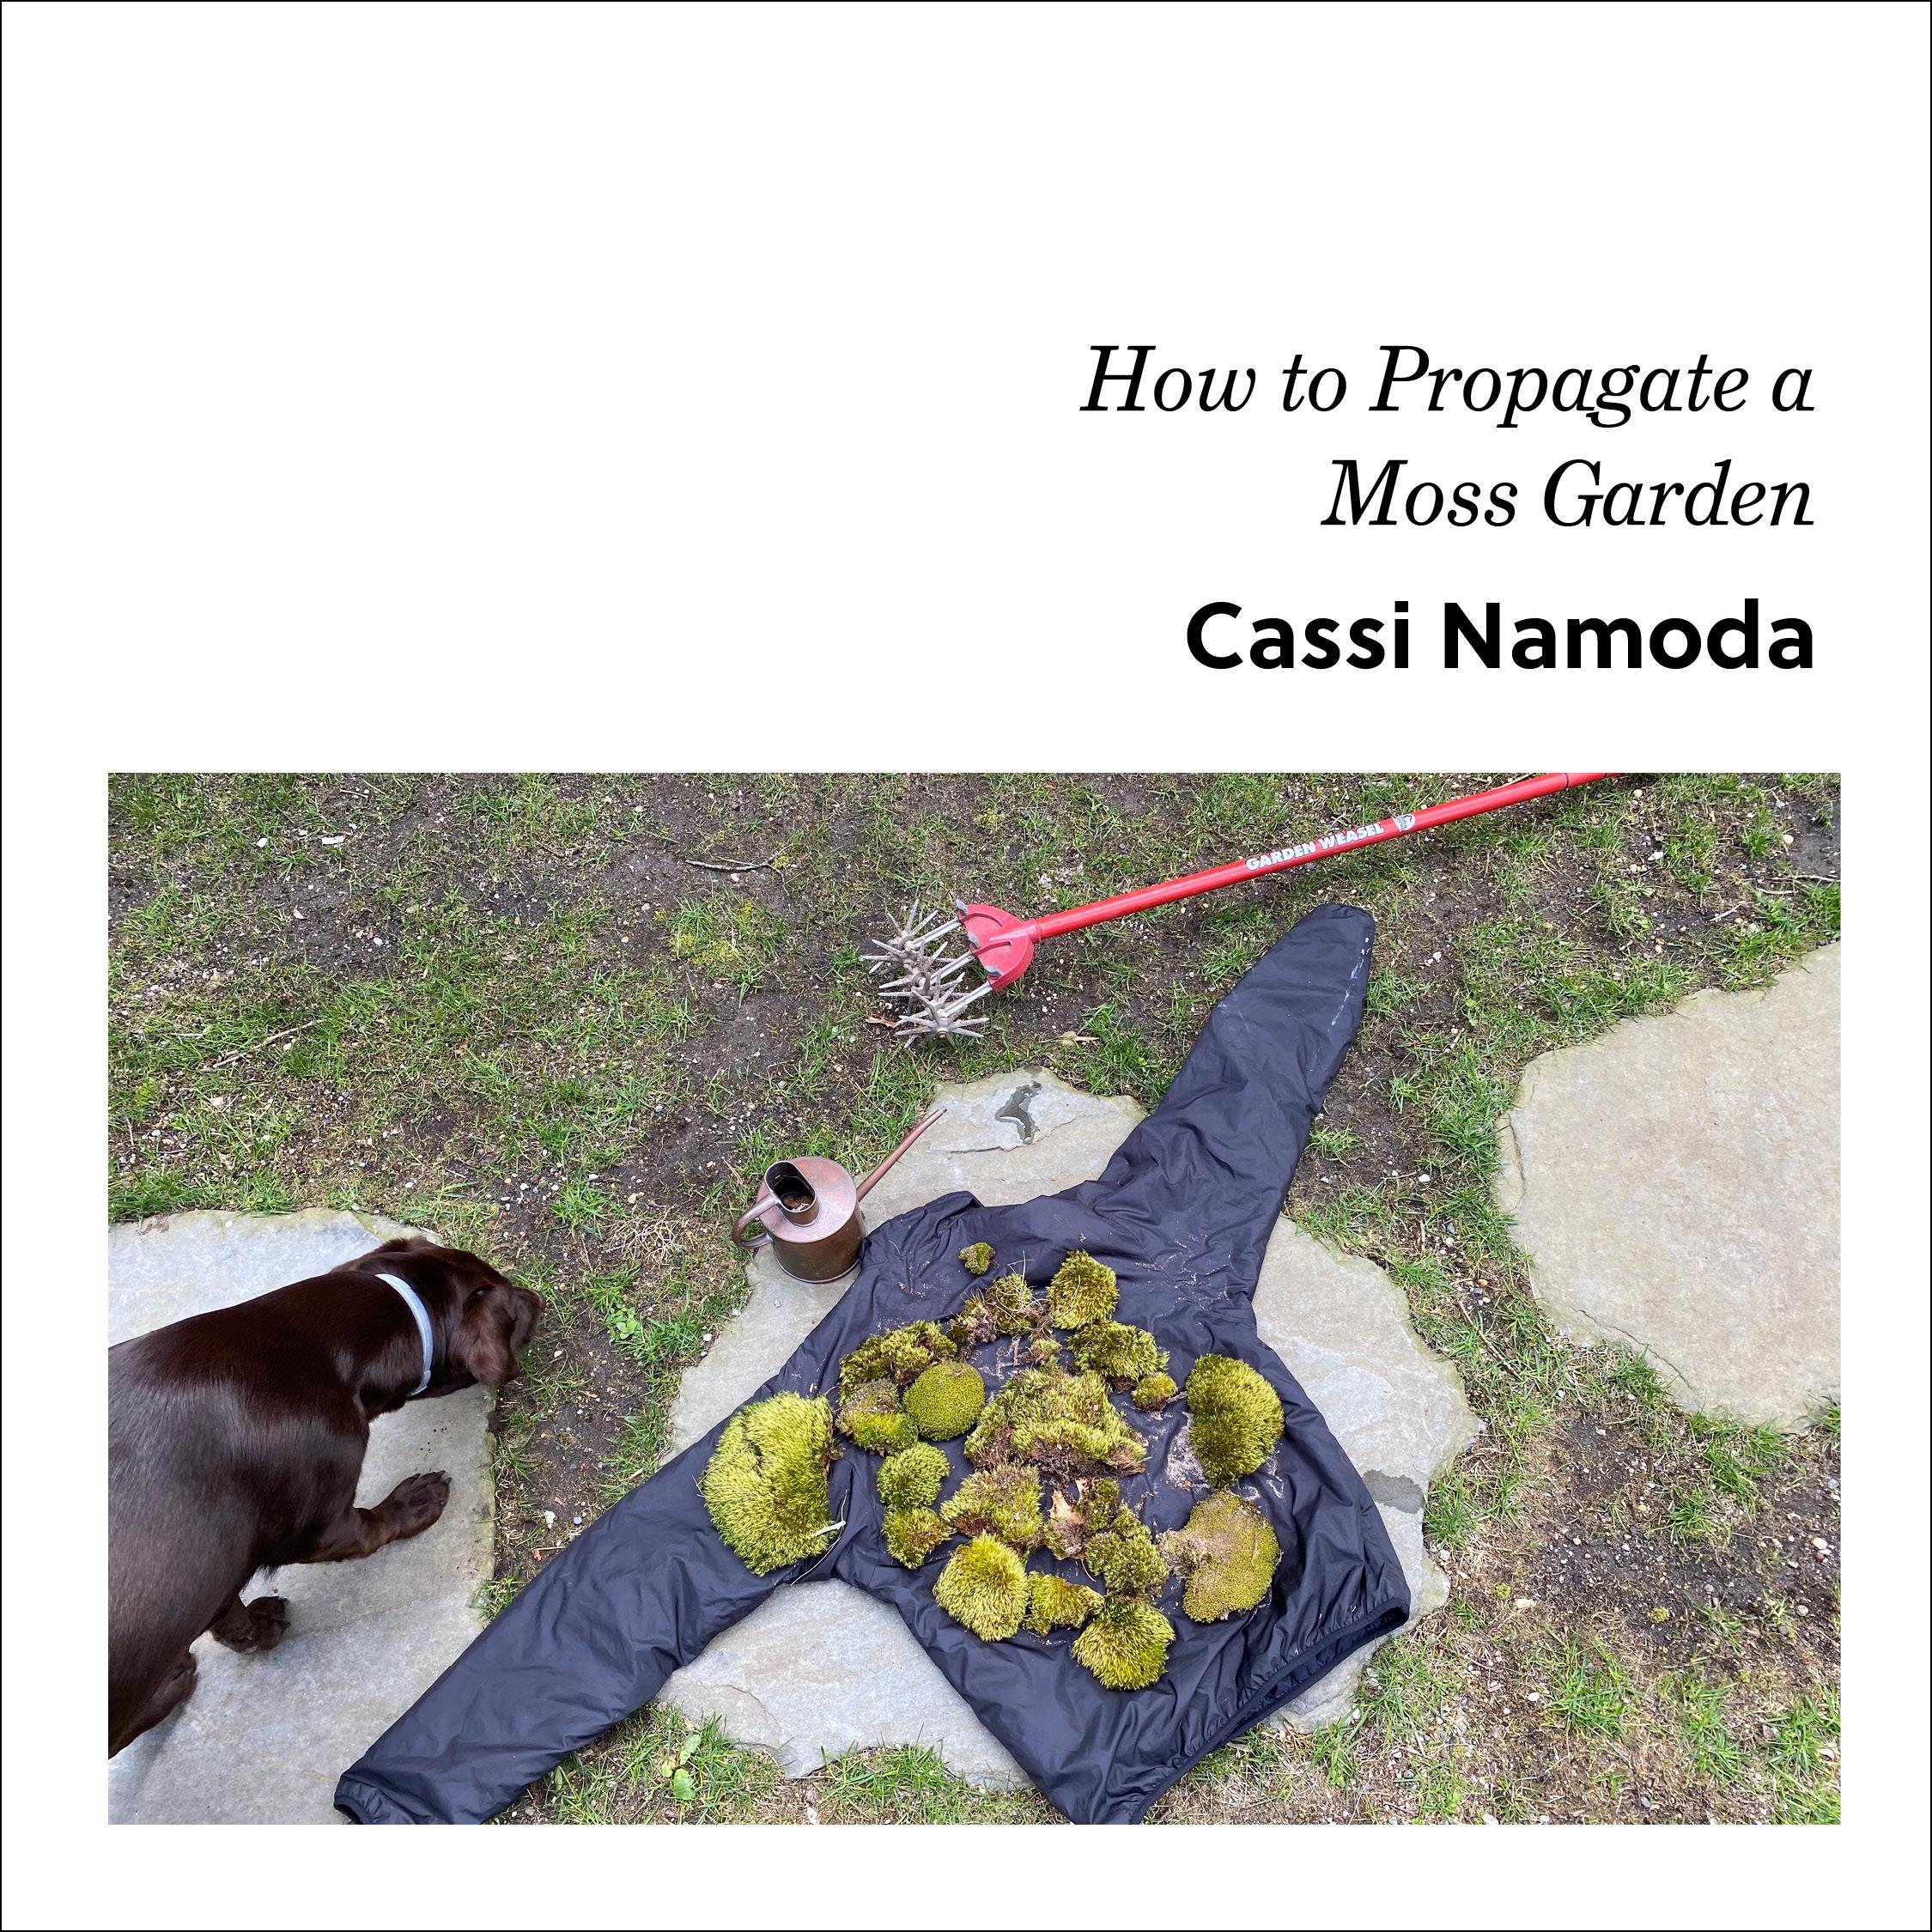 Week 2: Cassi Namoda